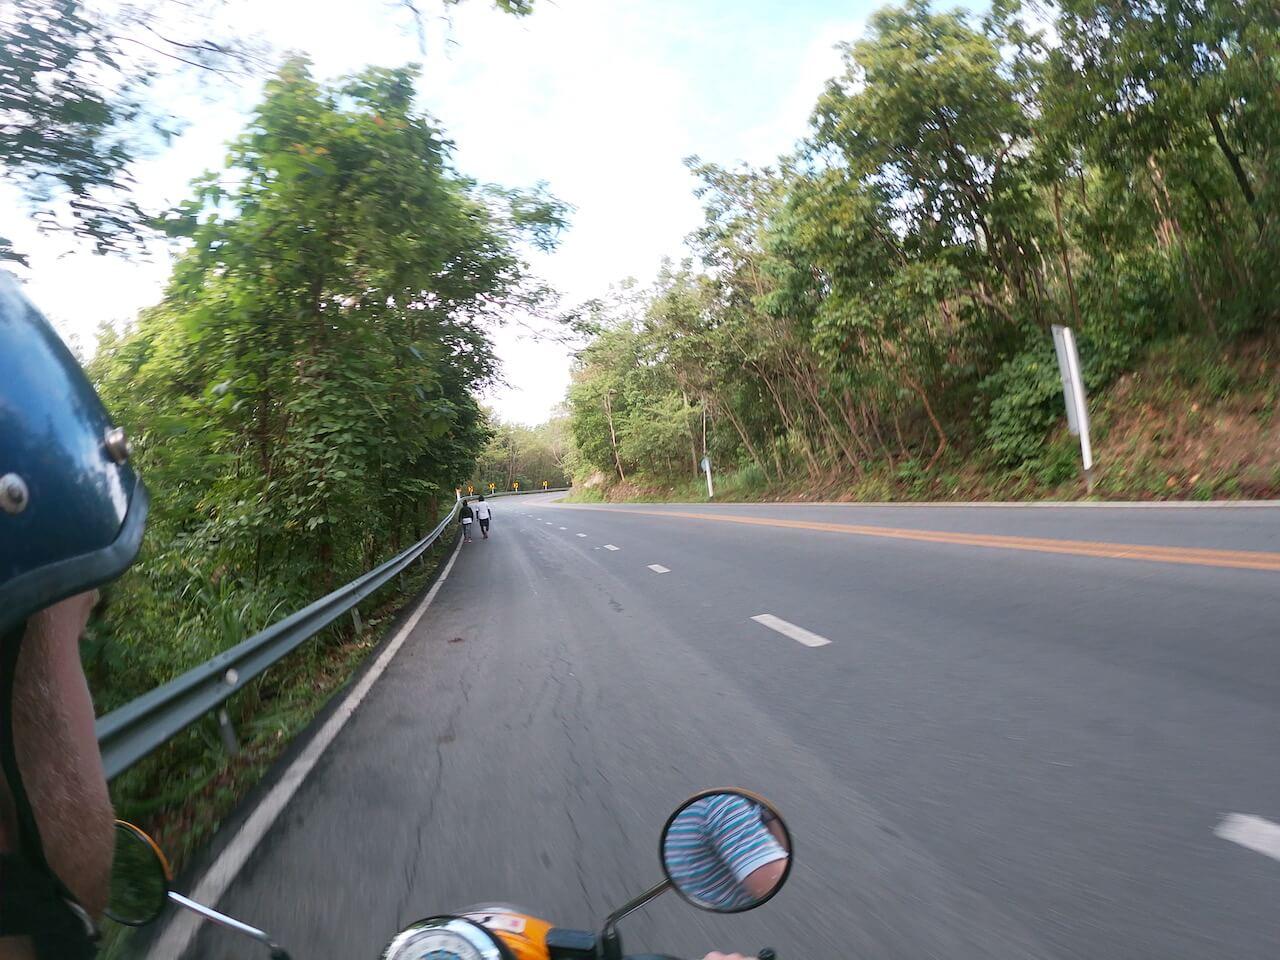 Rijdend op de scooter in Chiang Mai